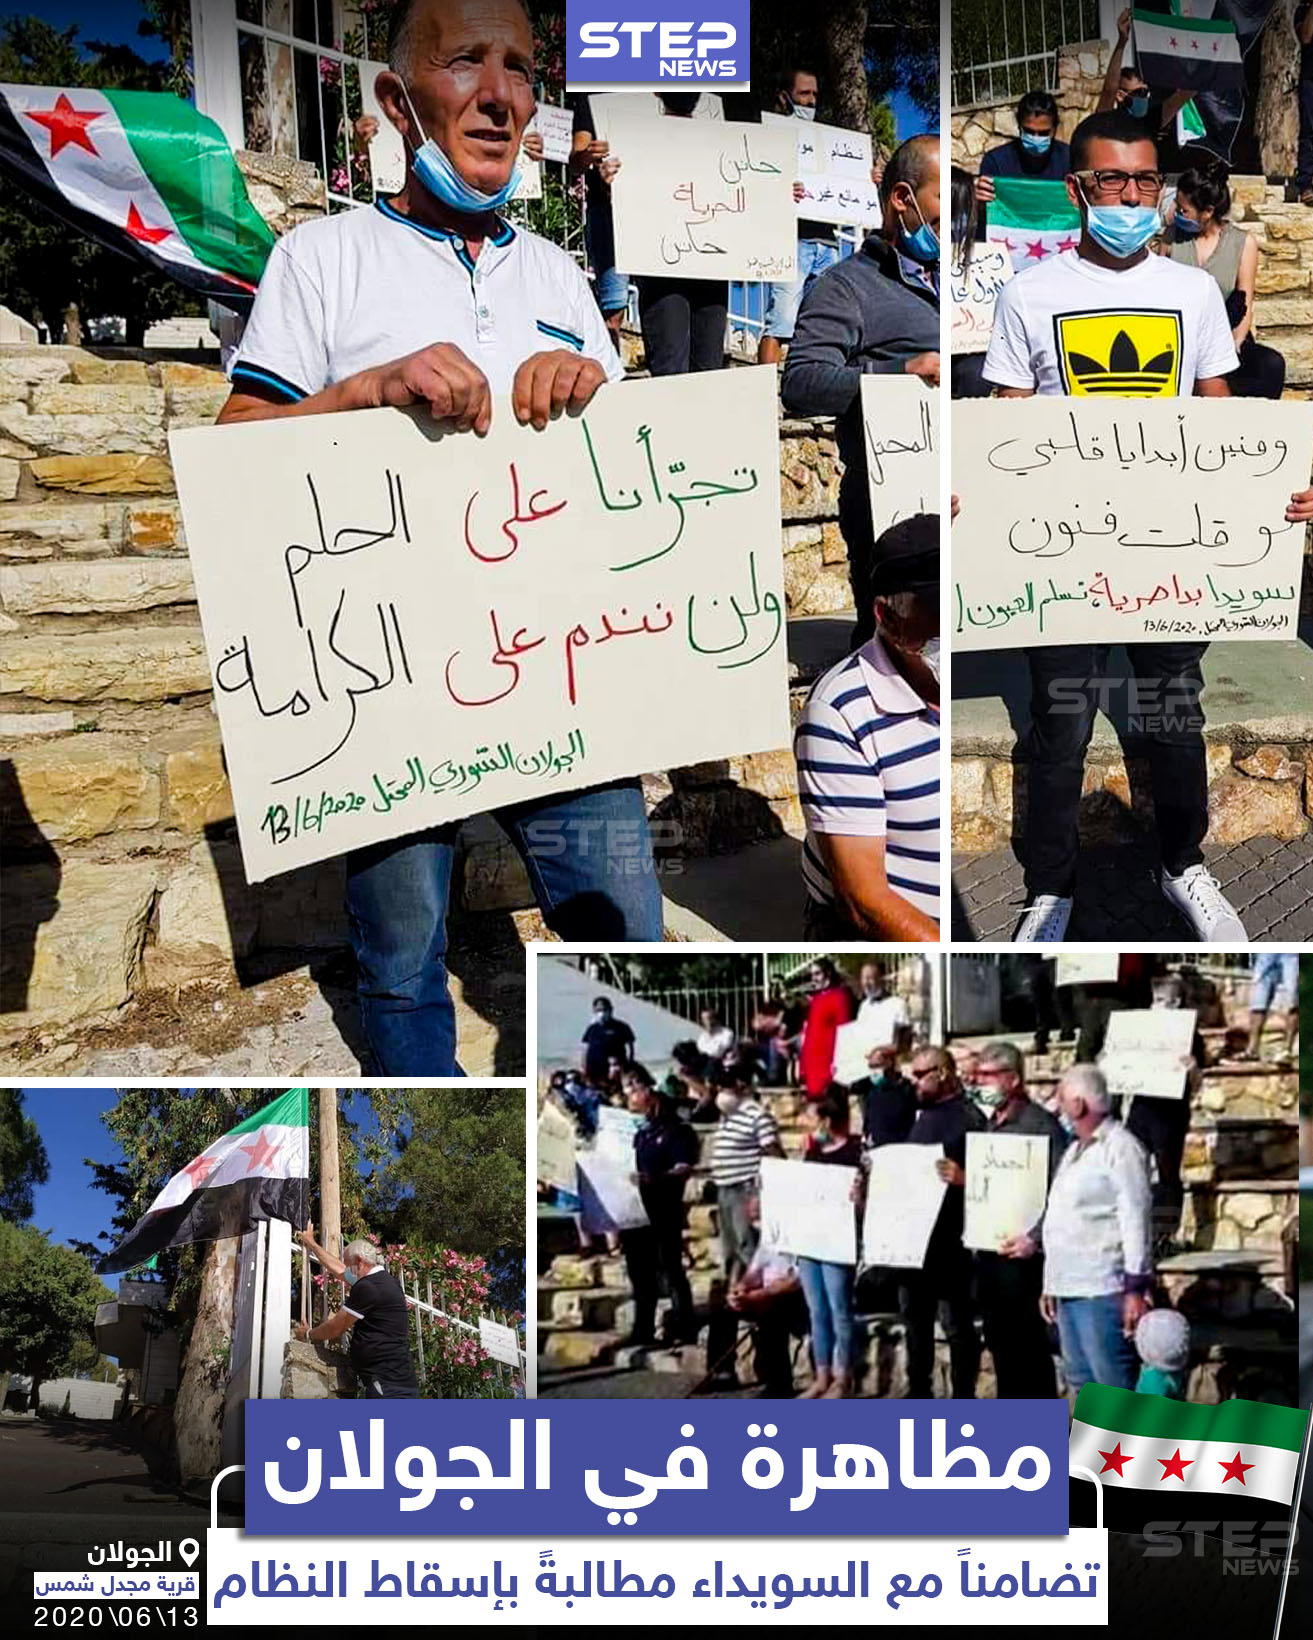 مظاهرة في الجولان السوري المحتل تضامناً مع السويداء والمطالبة بإسقاط النظام السوري